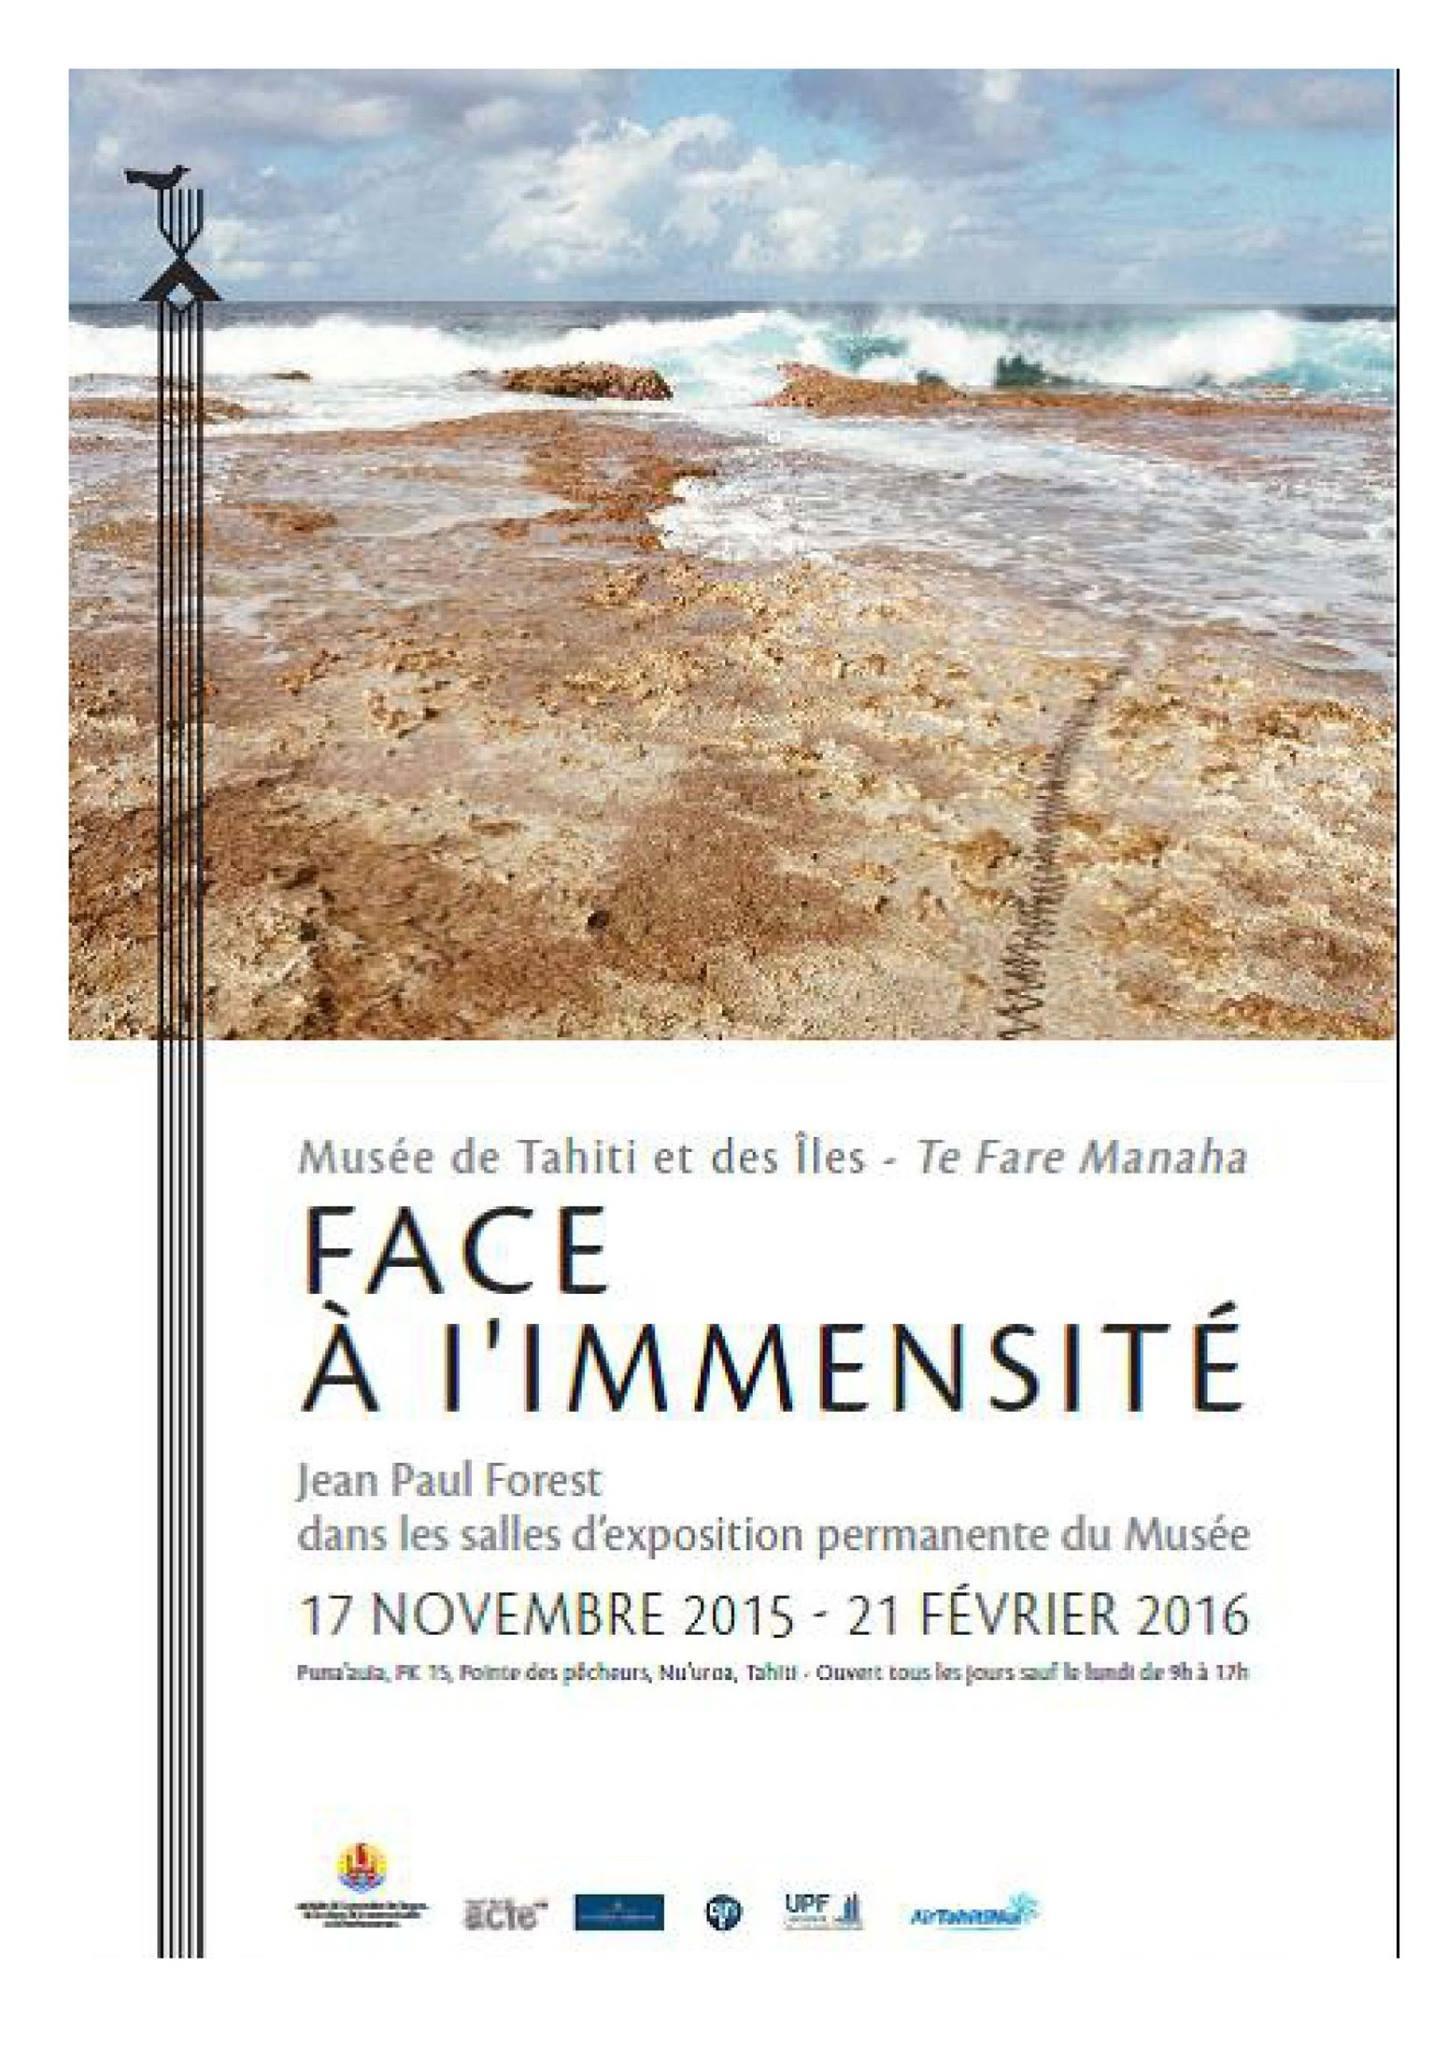 """Musée de Tahiti et des îles : L'exposition """"Face à l'immensité"""" durera jusqu'au 06 mars"""